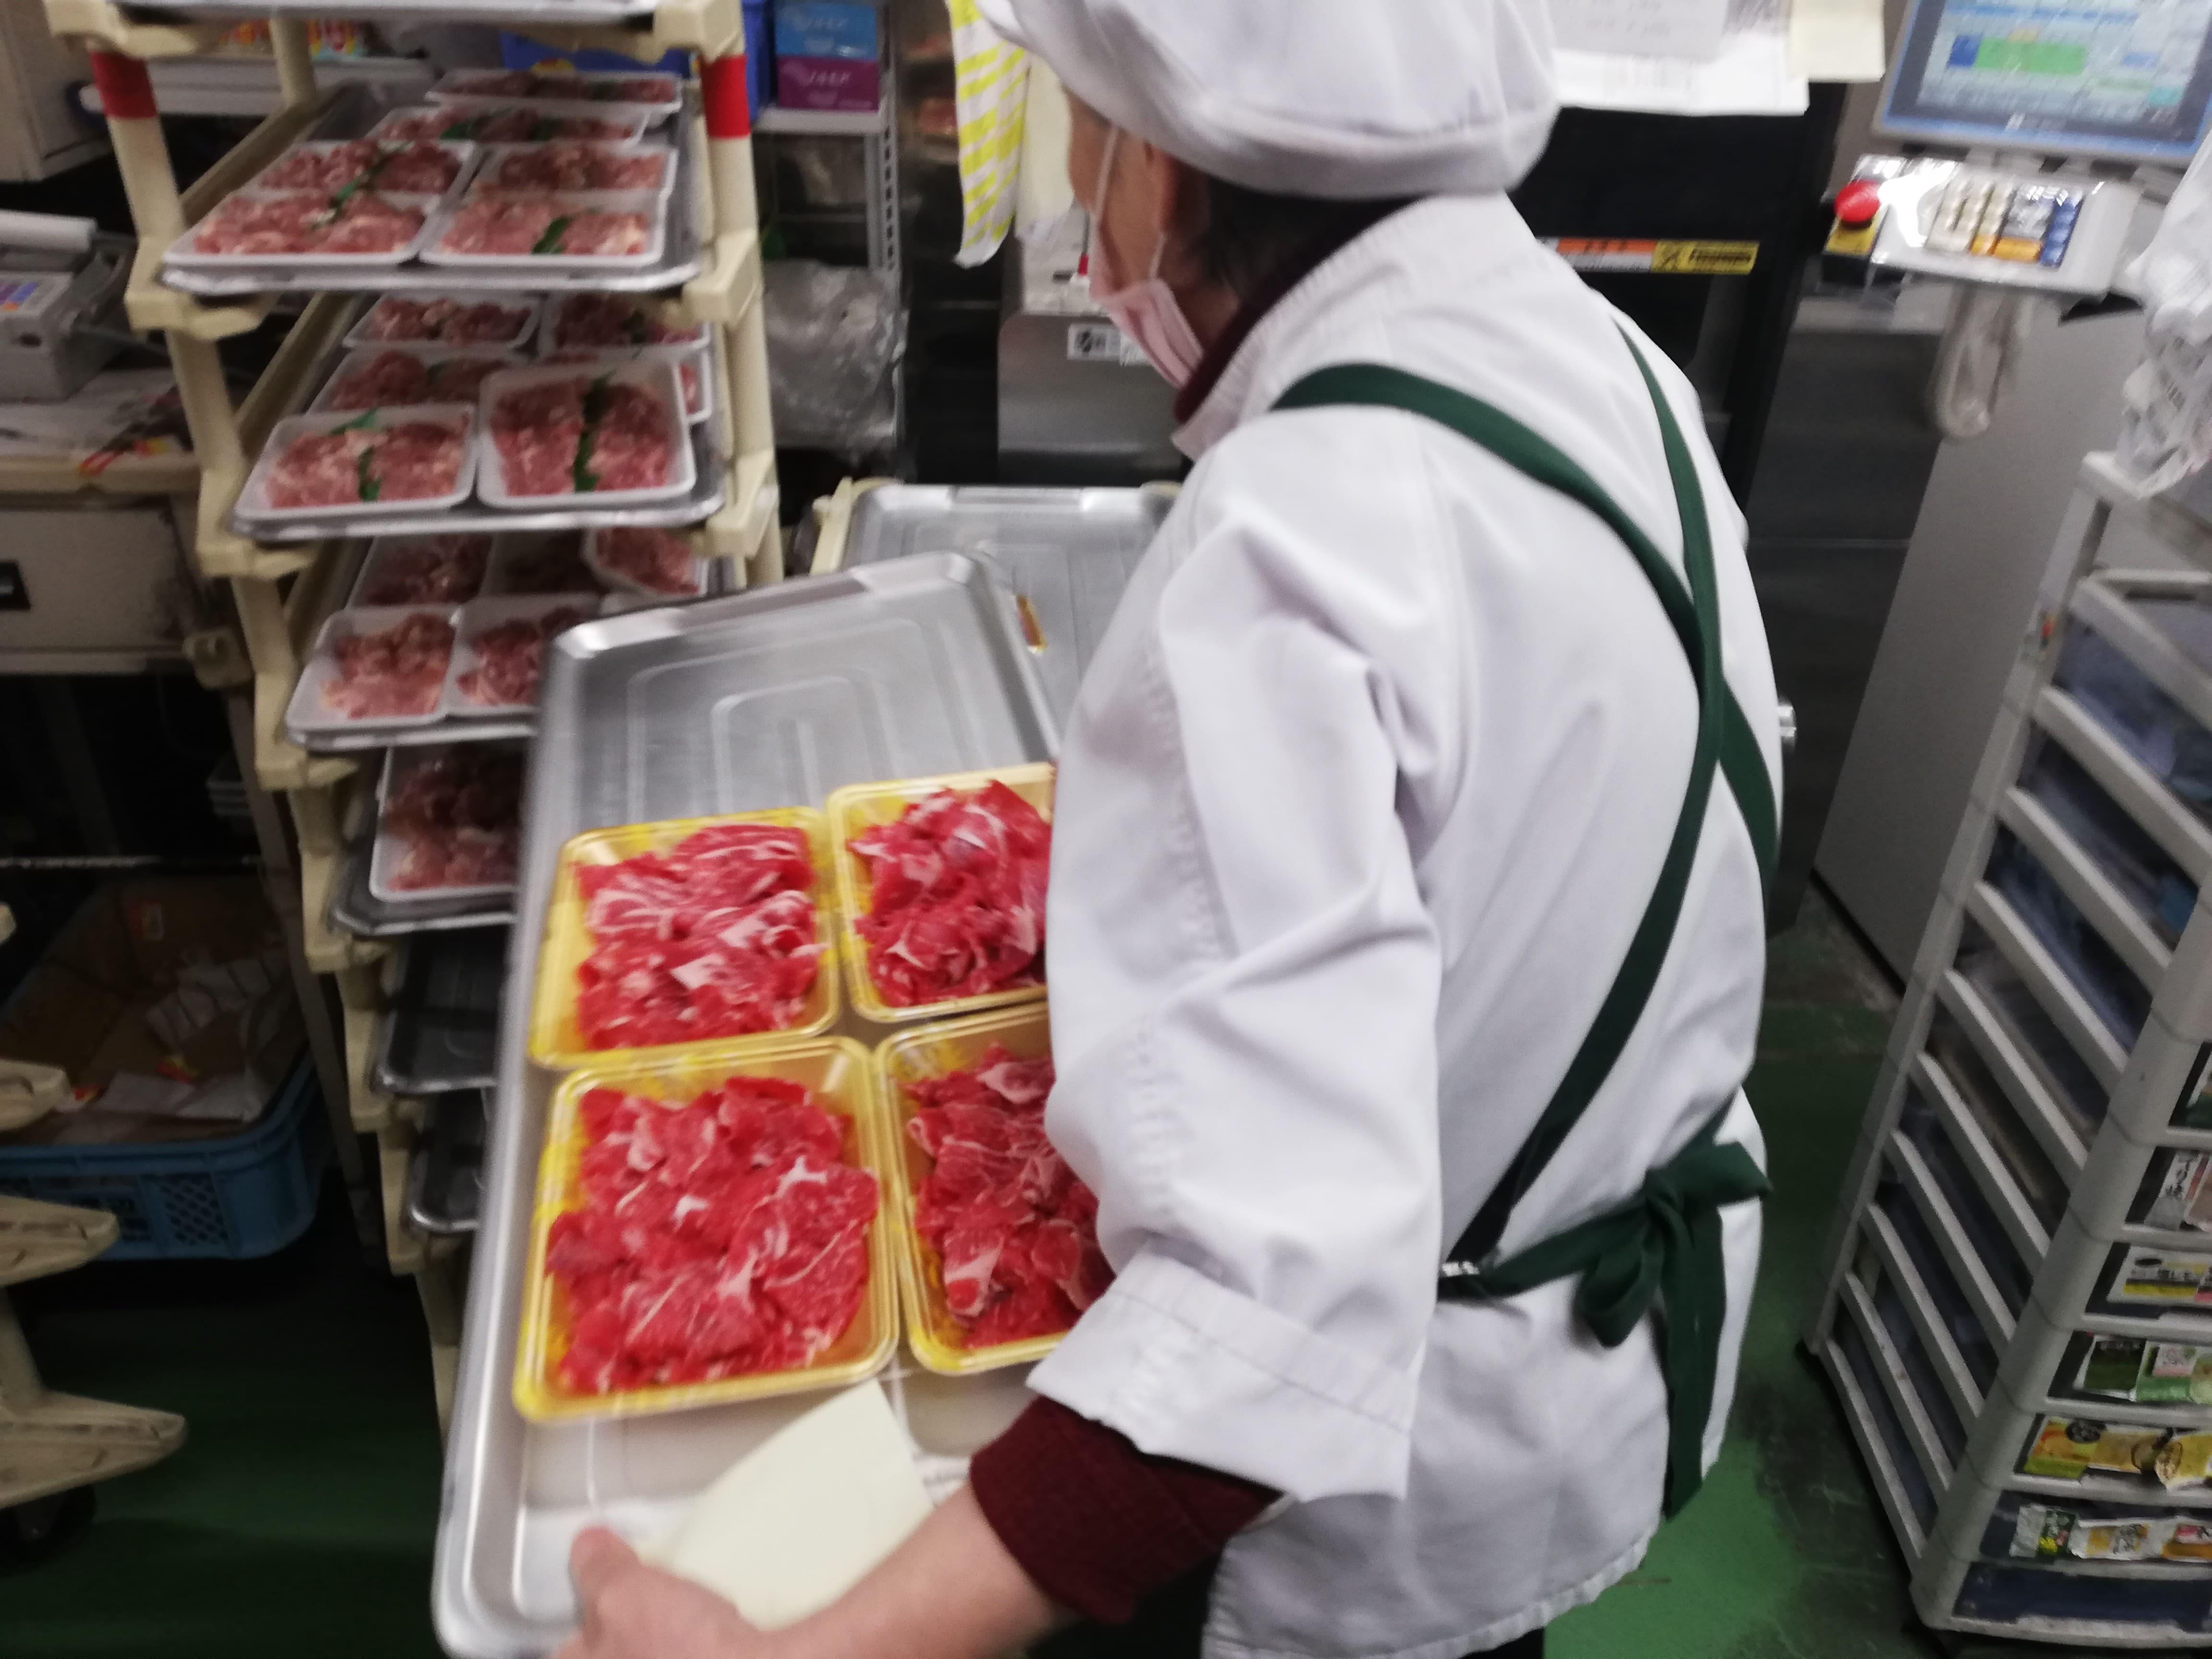 ヤスサキワイプラザ グルメ館 鯖江店